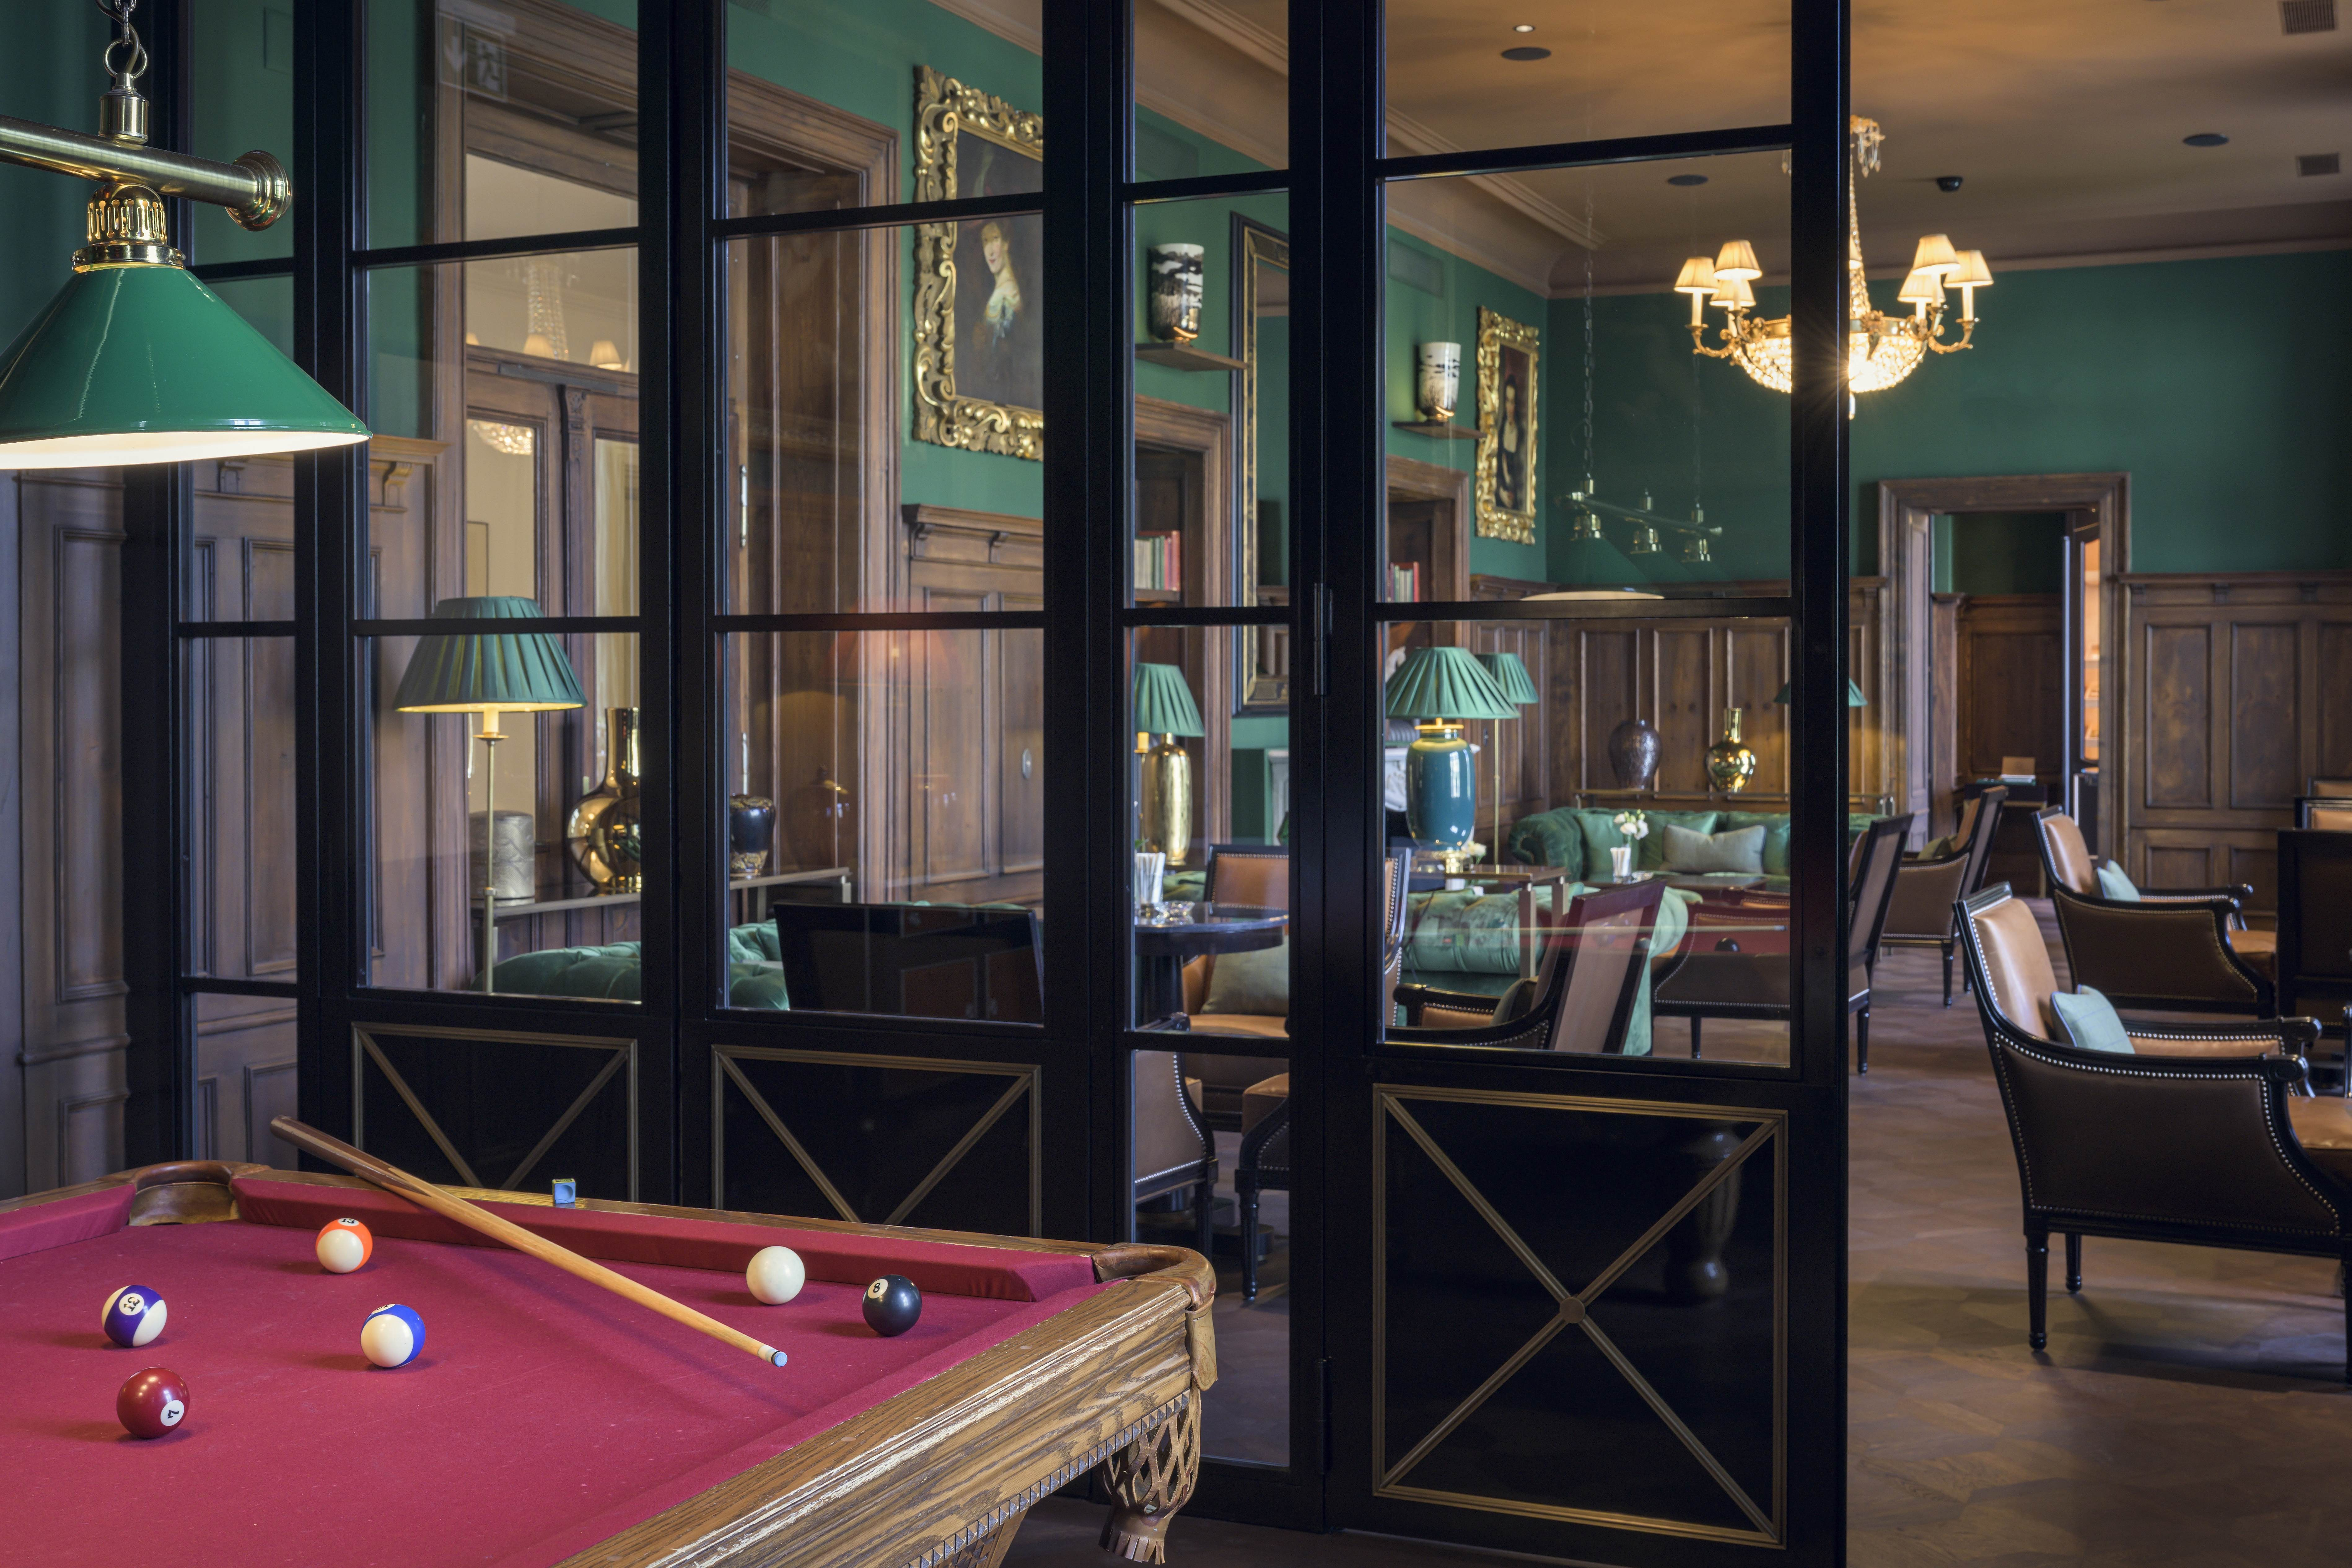 Grand Hotel Kronenhof Fumoir Slide 2